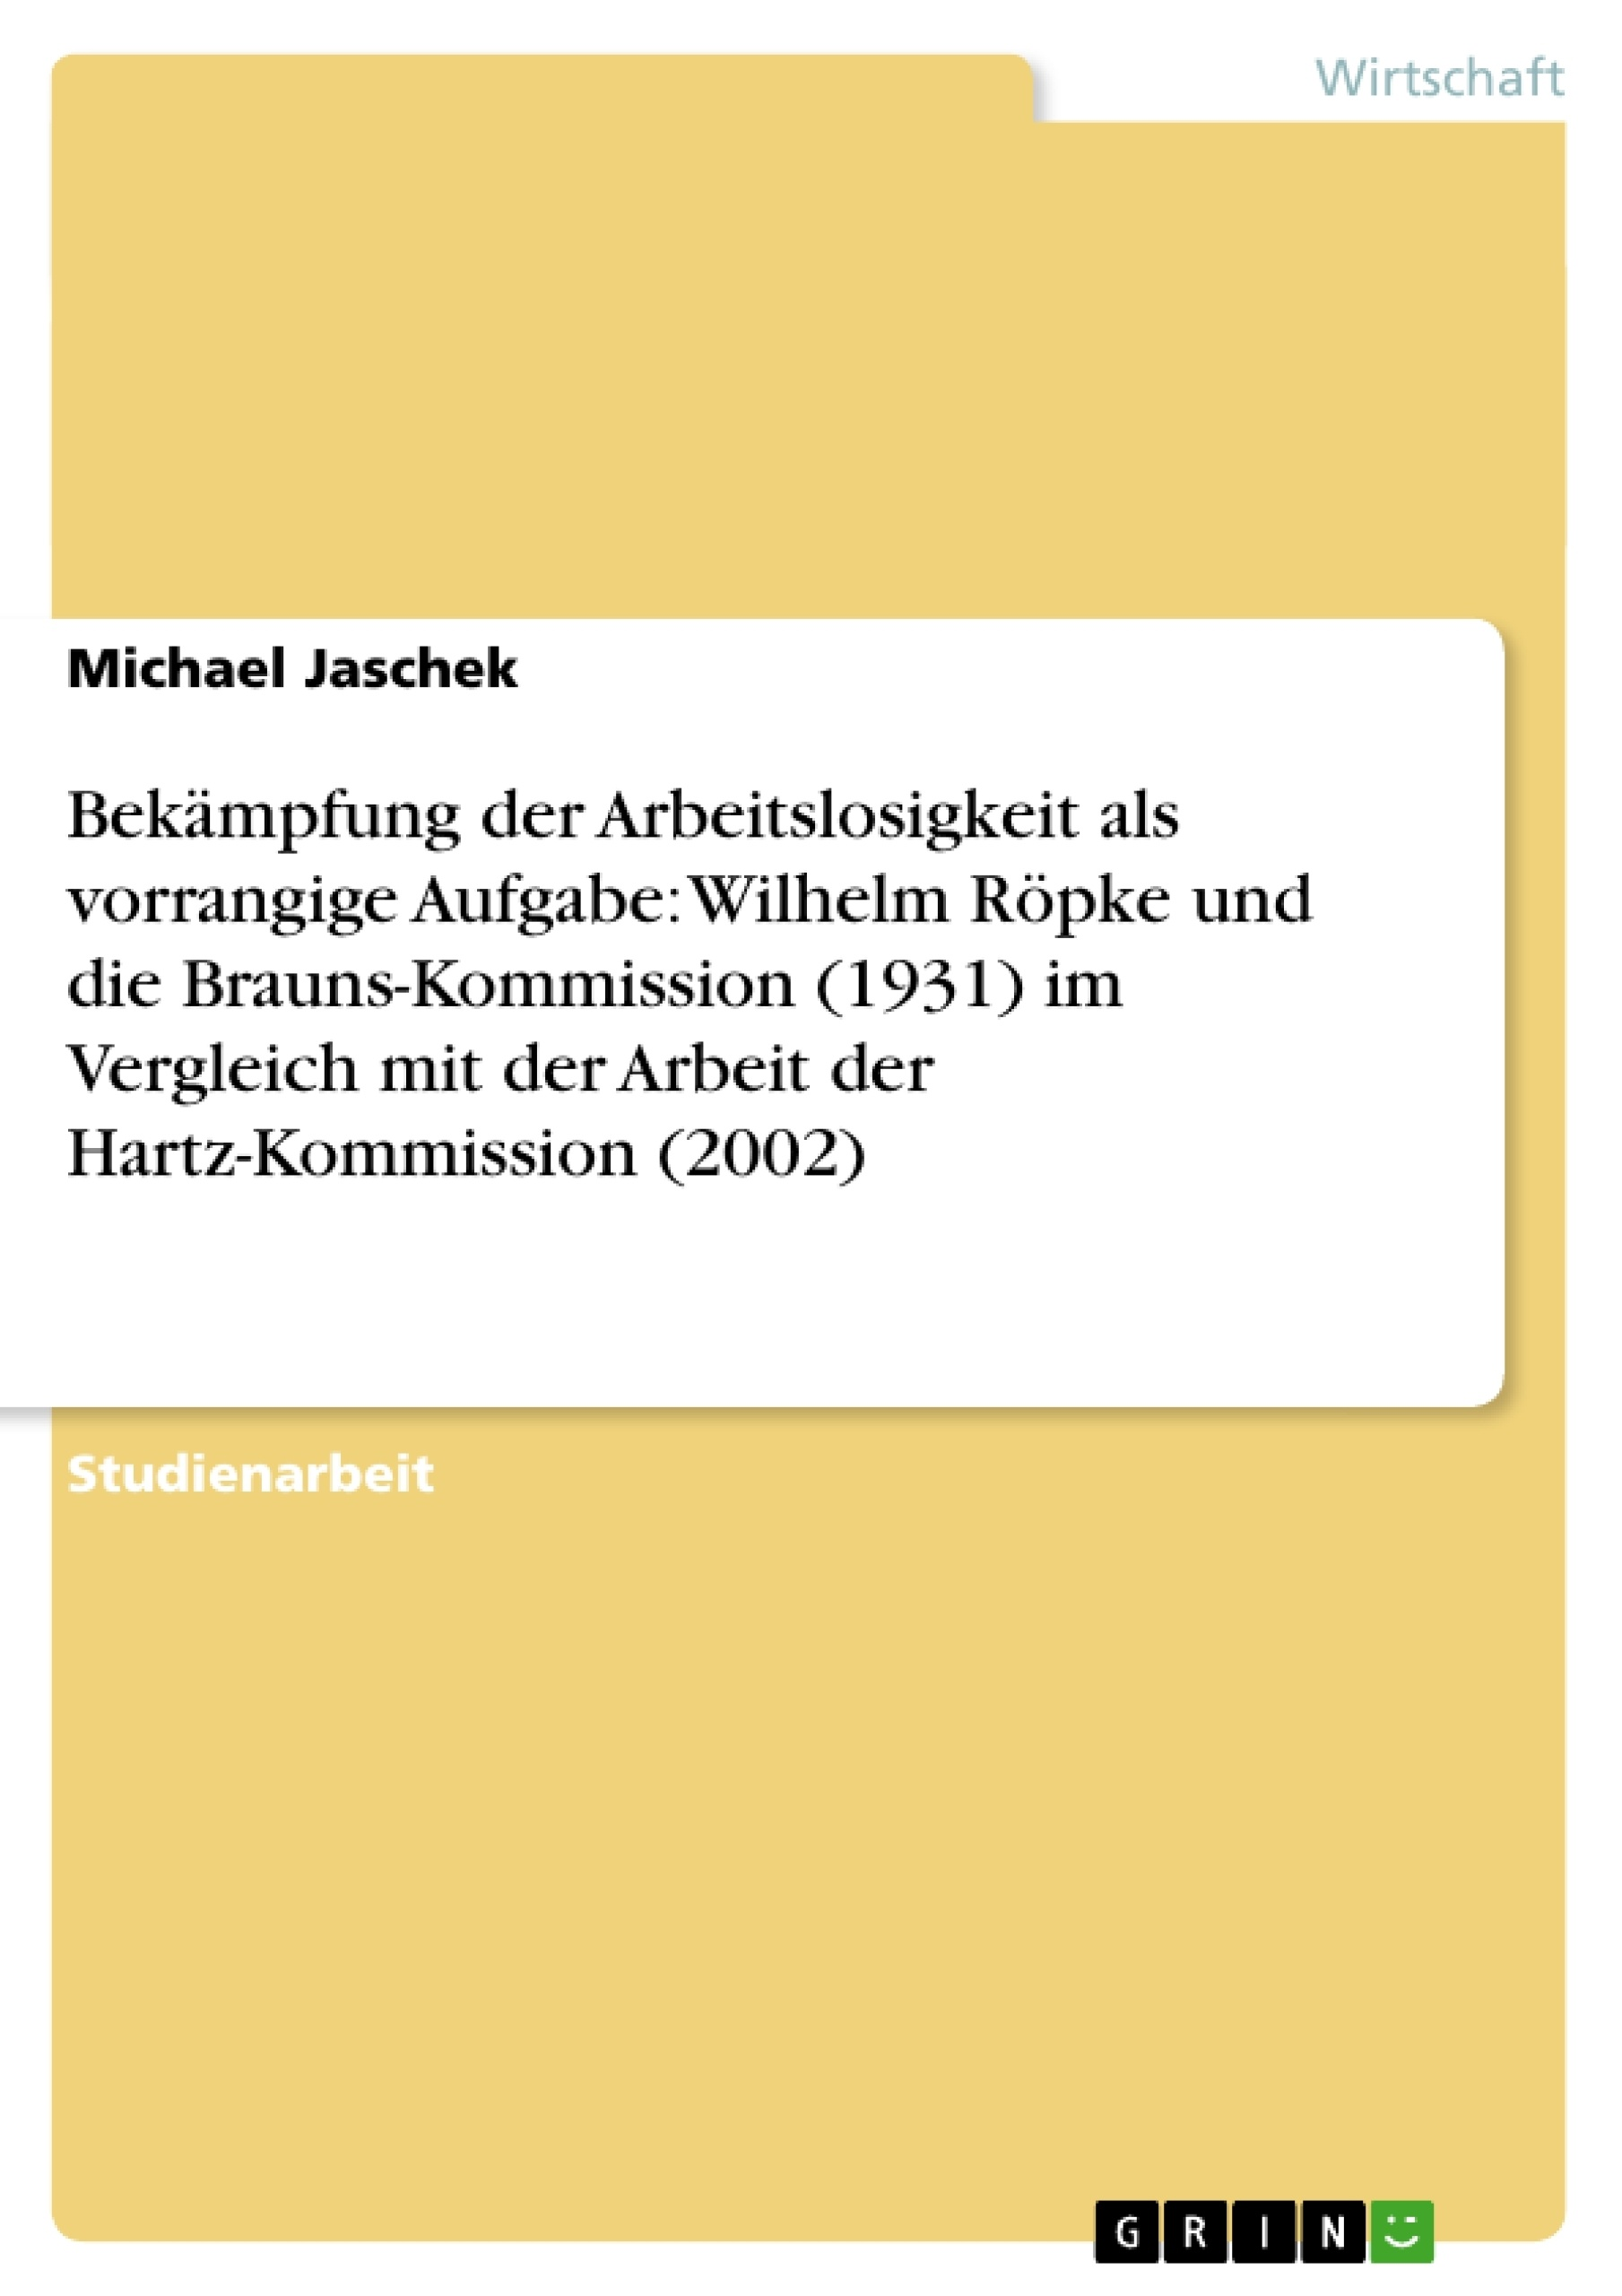 Titel: Bekämpfung der Arbeitslosigkeit als vorrangige Aufgabe: Wilhelm Röpke und die Brauns-Kommission (1931) im Vergleich mit der Arbeit der Hartz-Kommission (2002)